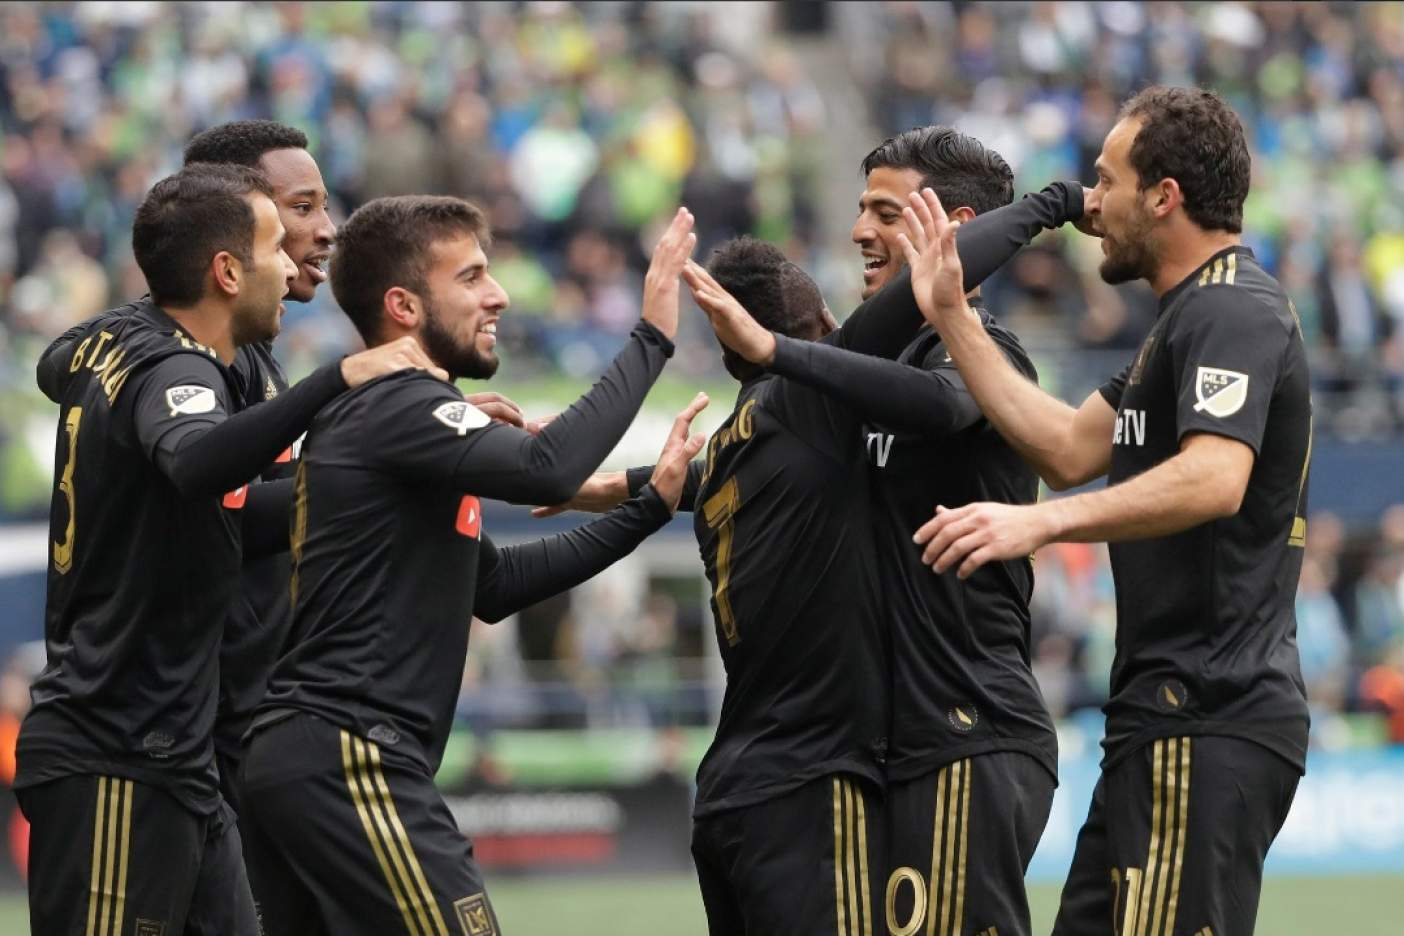 Debutan LAFC y Vela en la MLS con triunfo